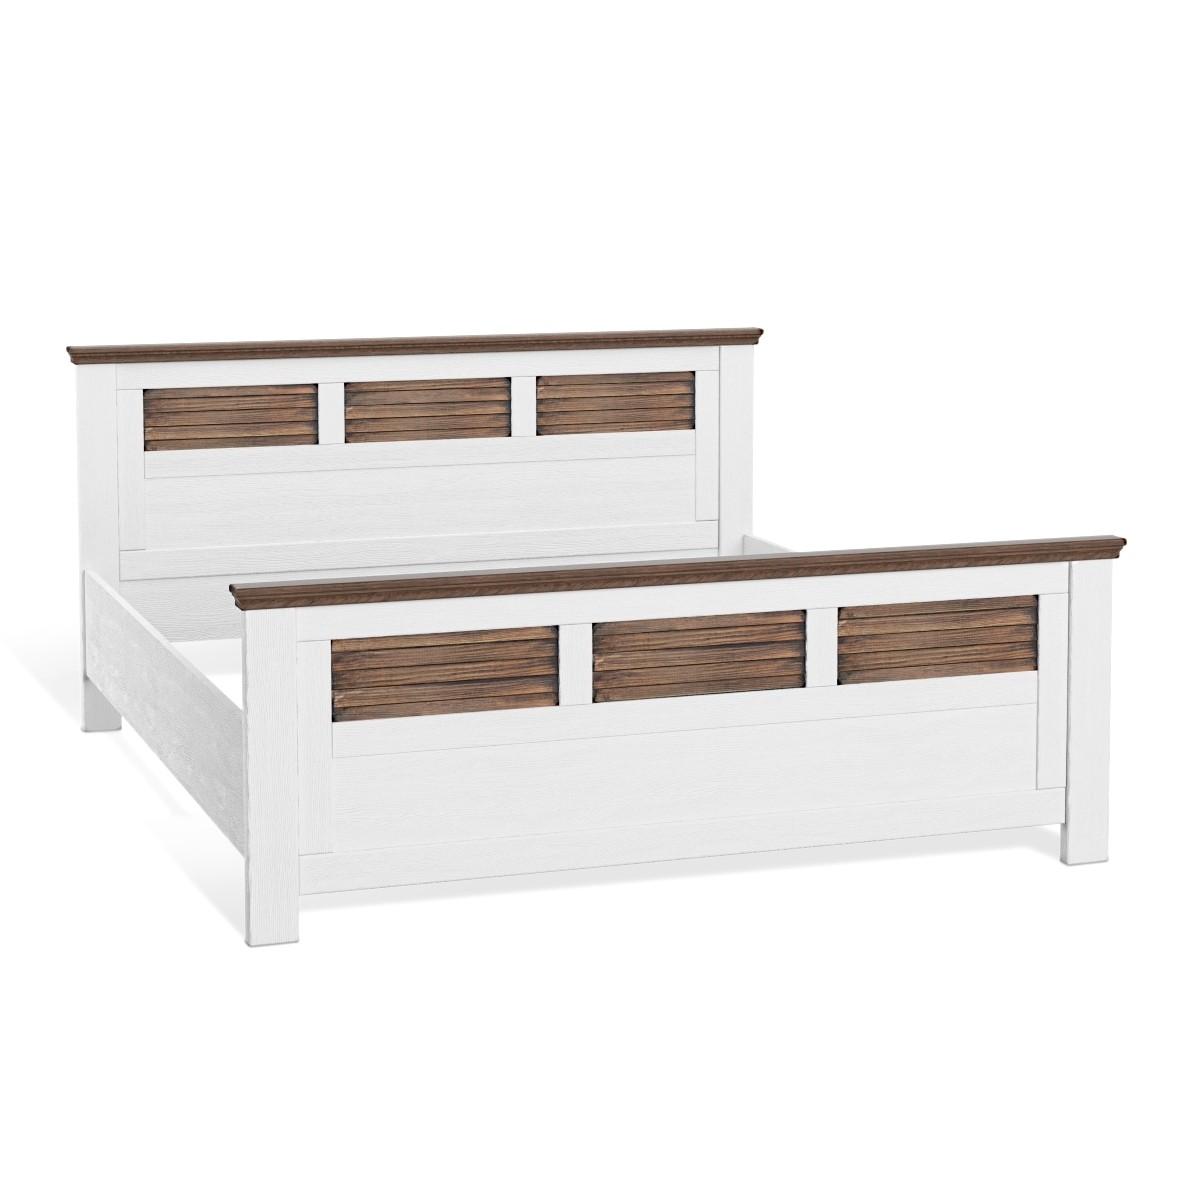 Empinio24 Landhausbett LAGUNA 180x200 cm Farbe Weiß Pinie Massivholz / Teilmassiv Breite 191 cm | Schlafzimmer > Betten > Landhausbetten | Empinio24